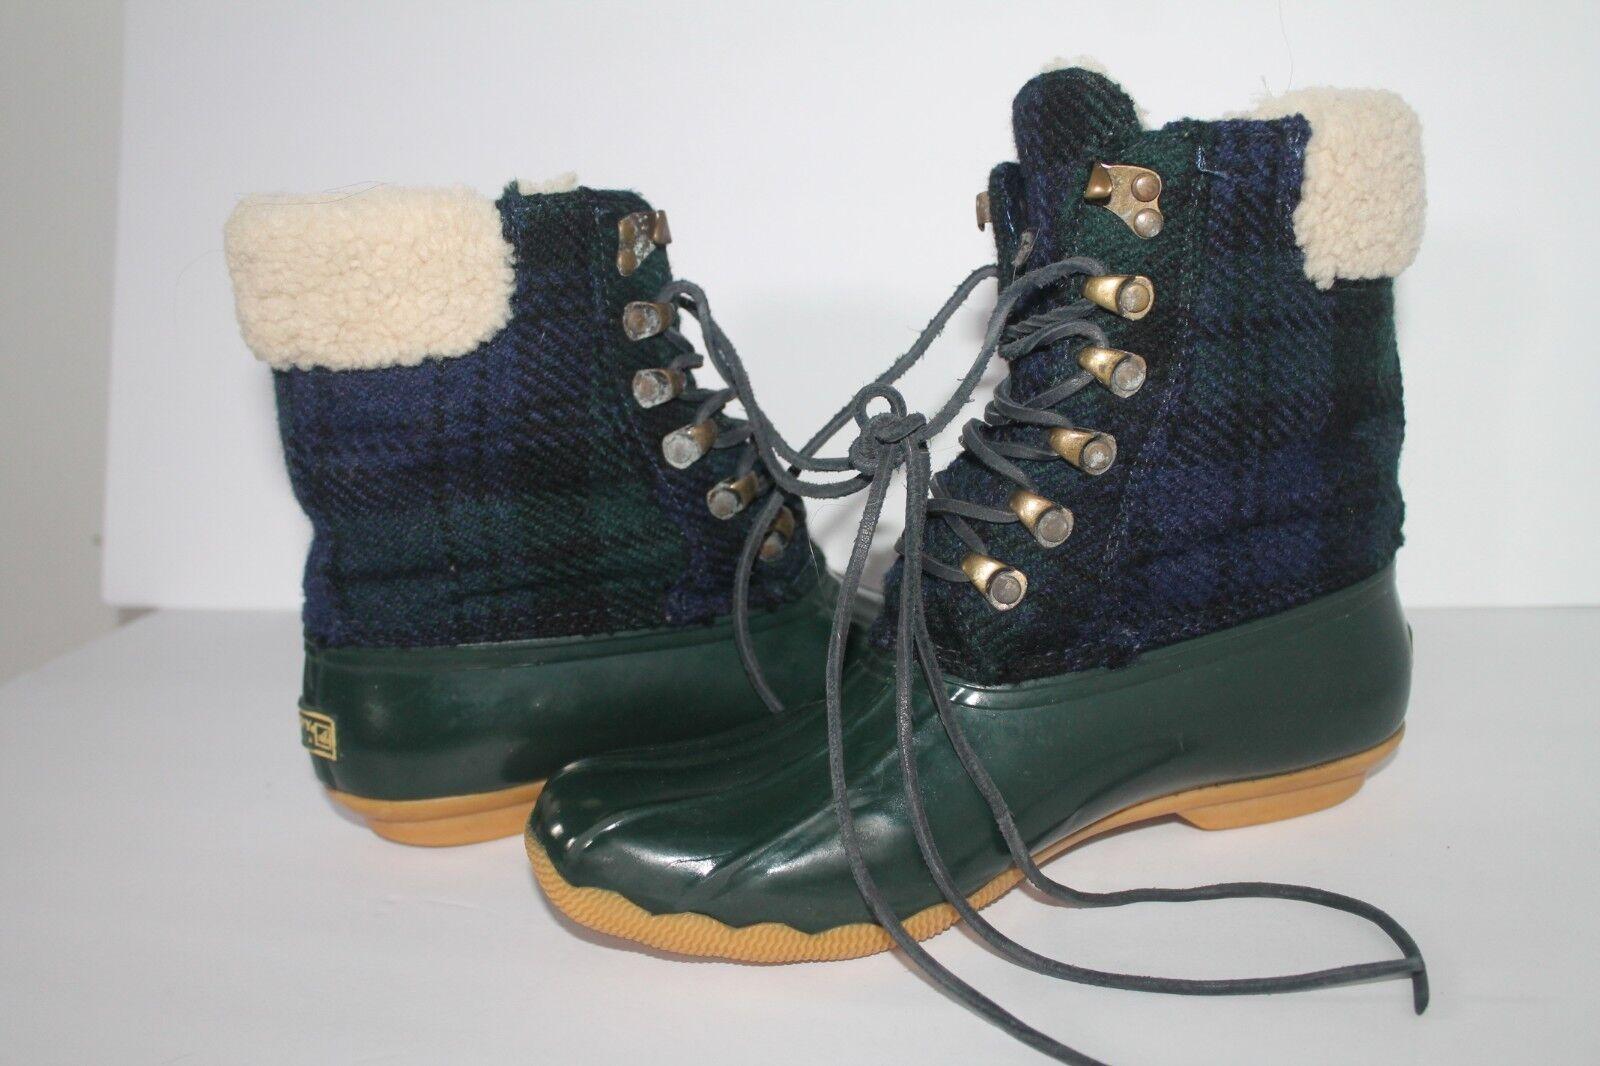 Sperry para J Crew pardela para mujer Talla Talla Talla 8 botas De Invierno verde Oliva  Tu satisfacción es nuestro objetivo